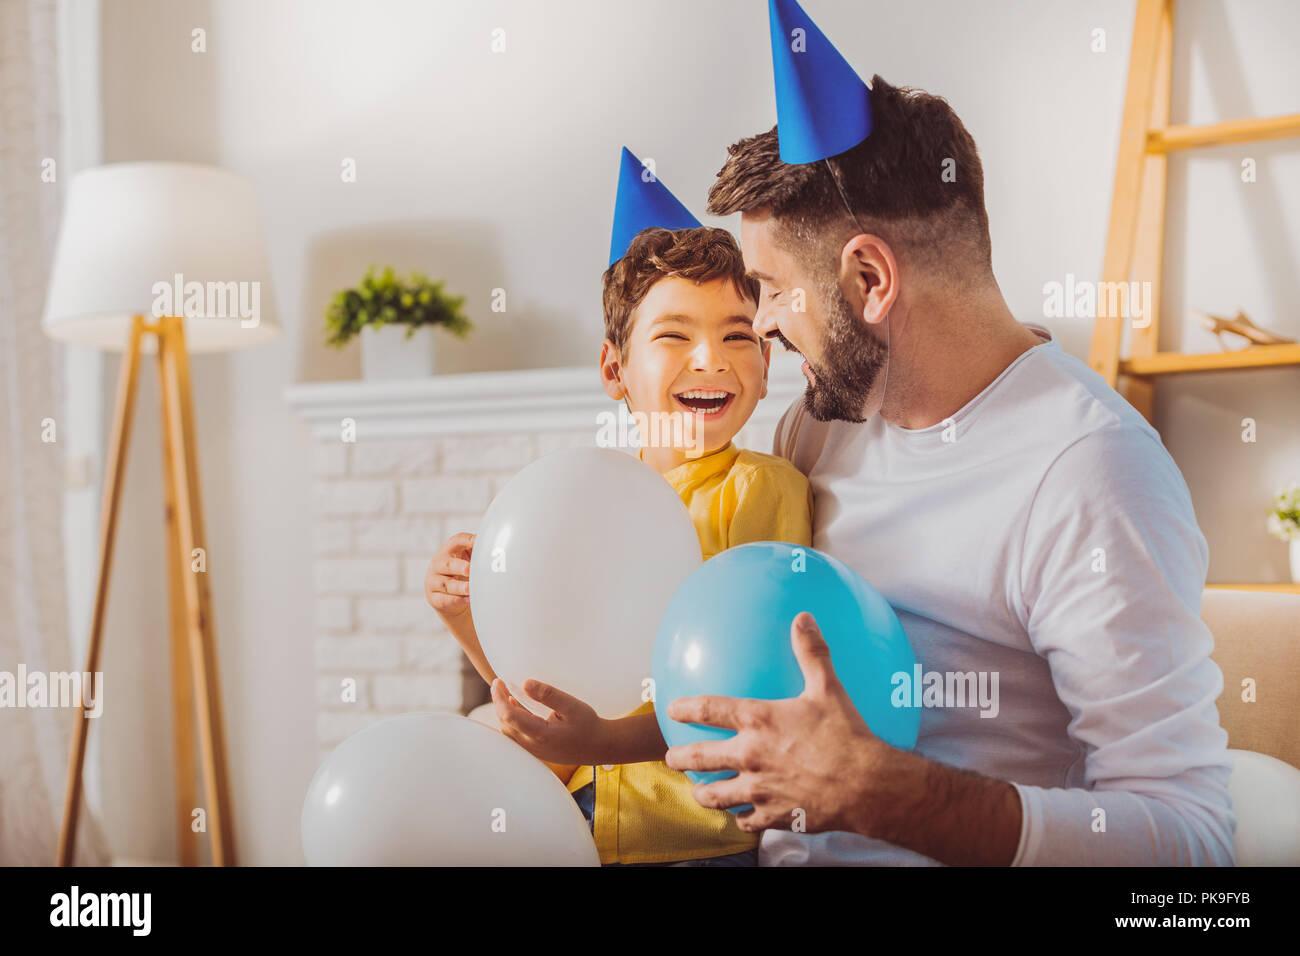 Merry encantador chico y hombre divirtiéndose con globos Imagen De Stock